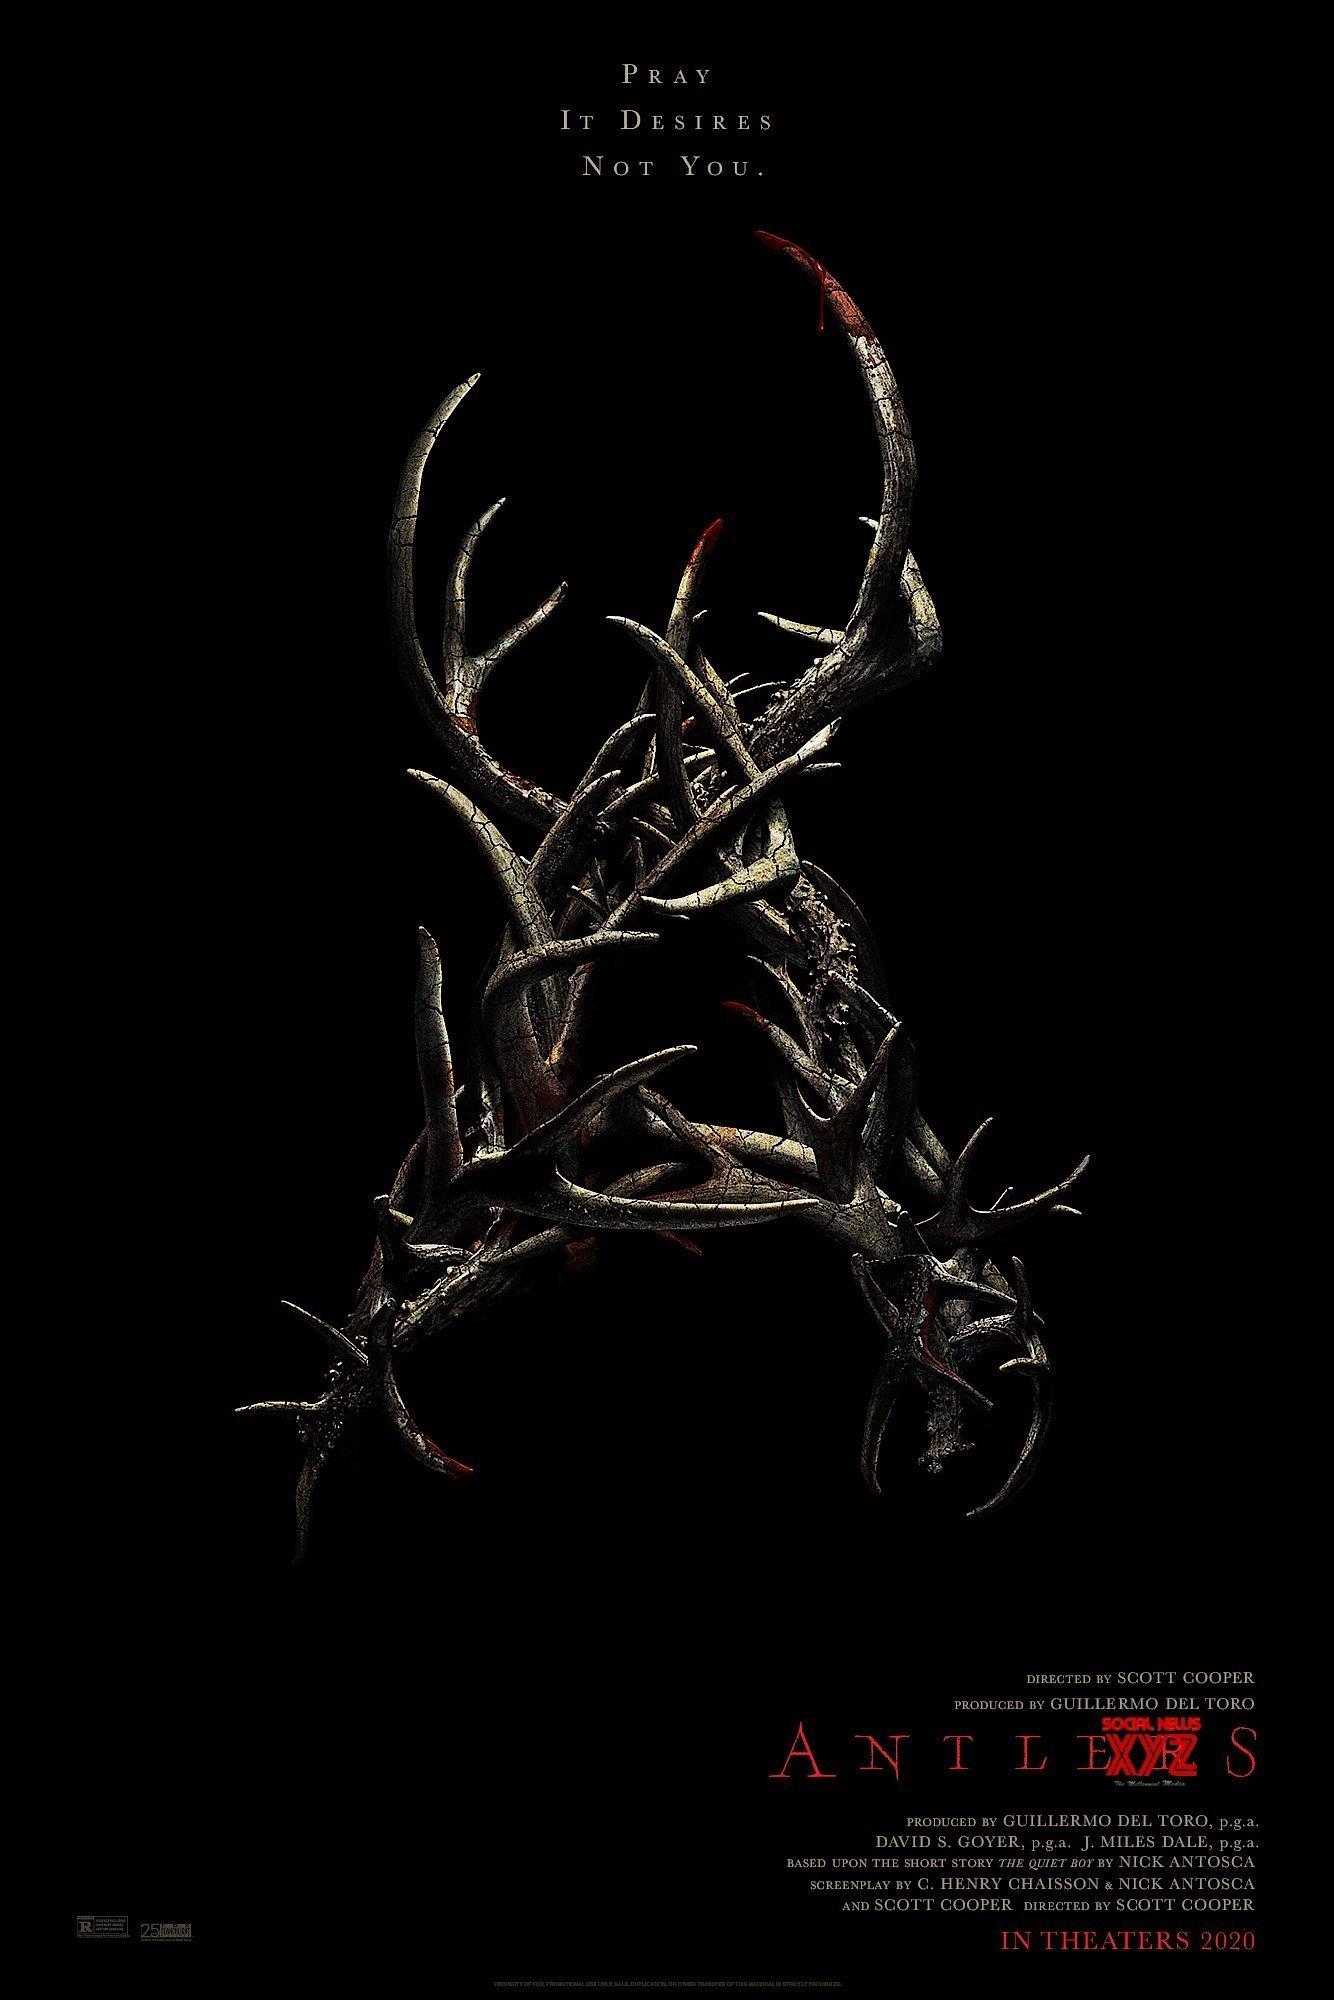 antlers-movie-teaser-HD-poster-.jpg